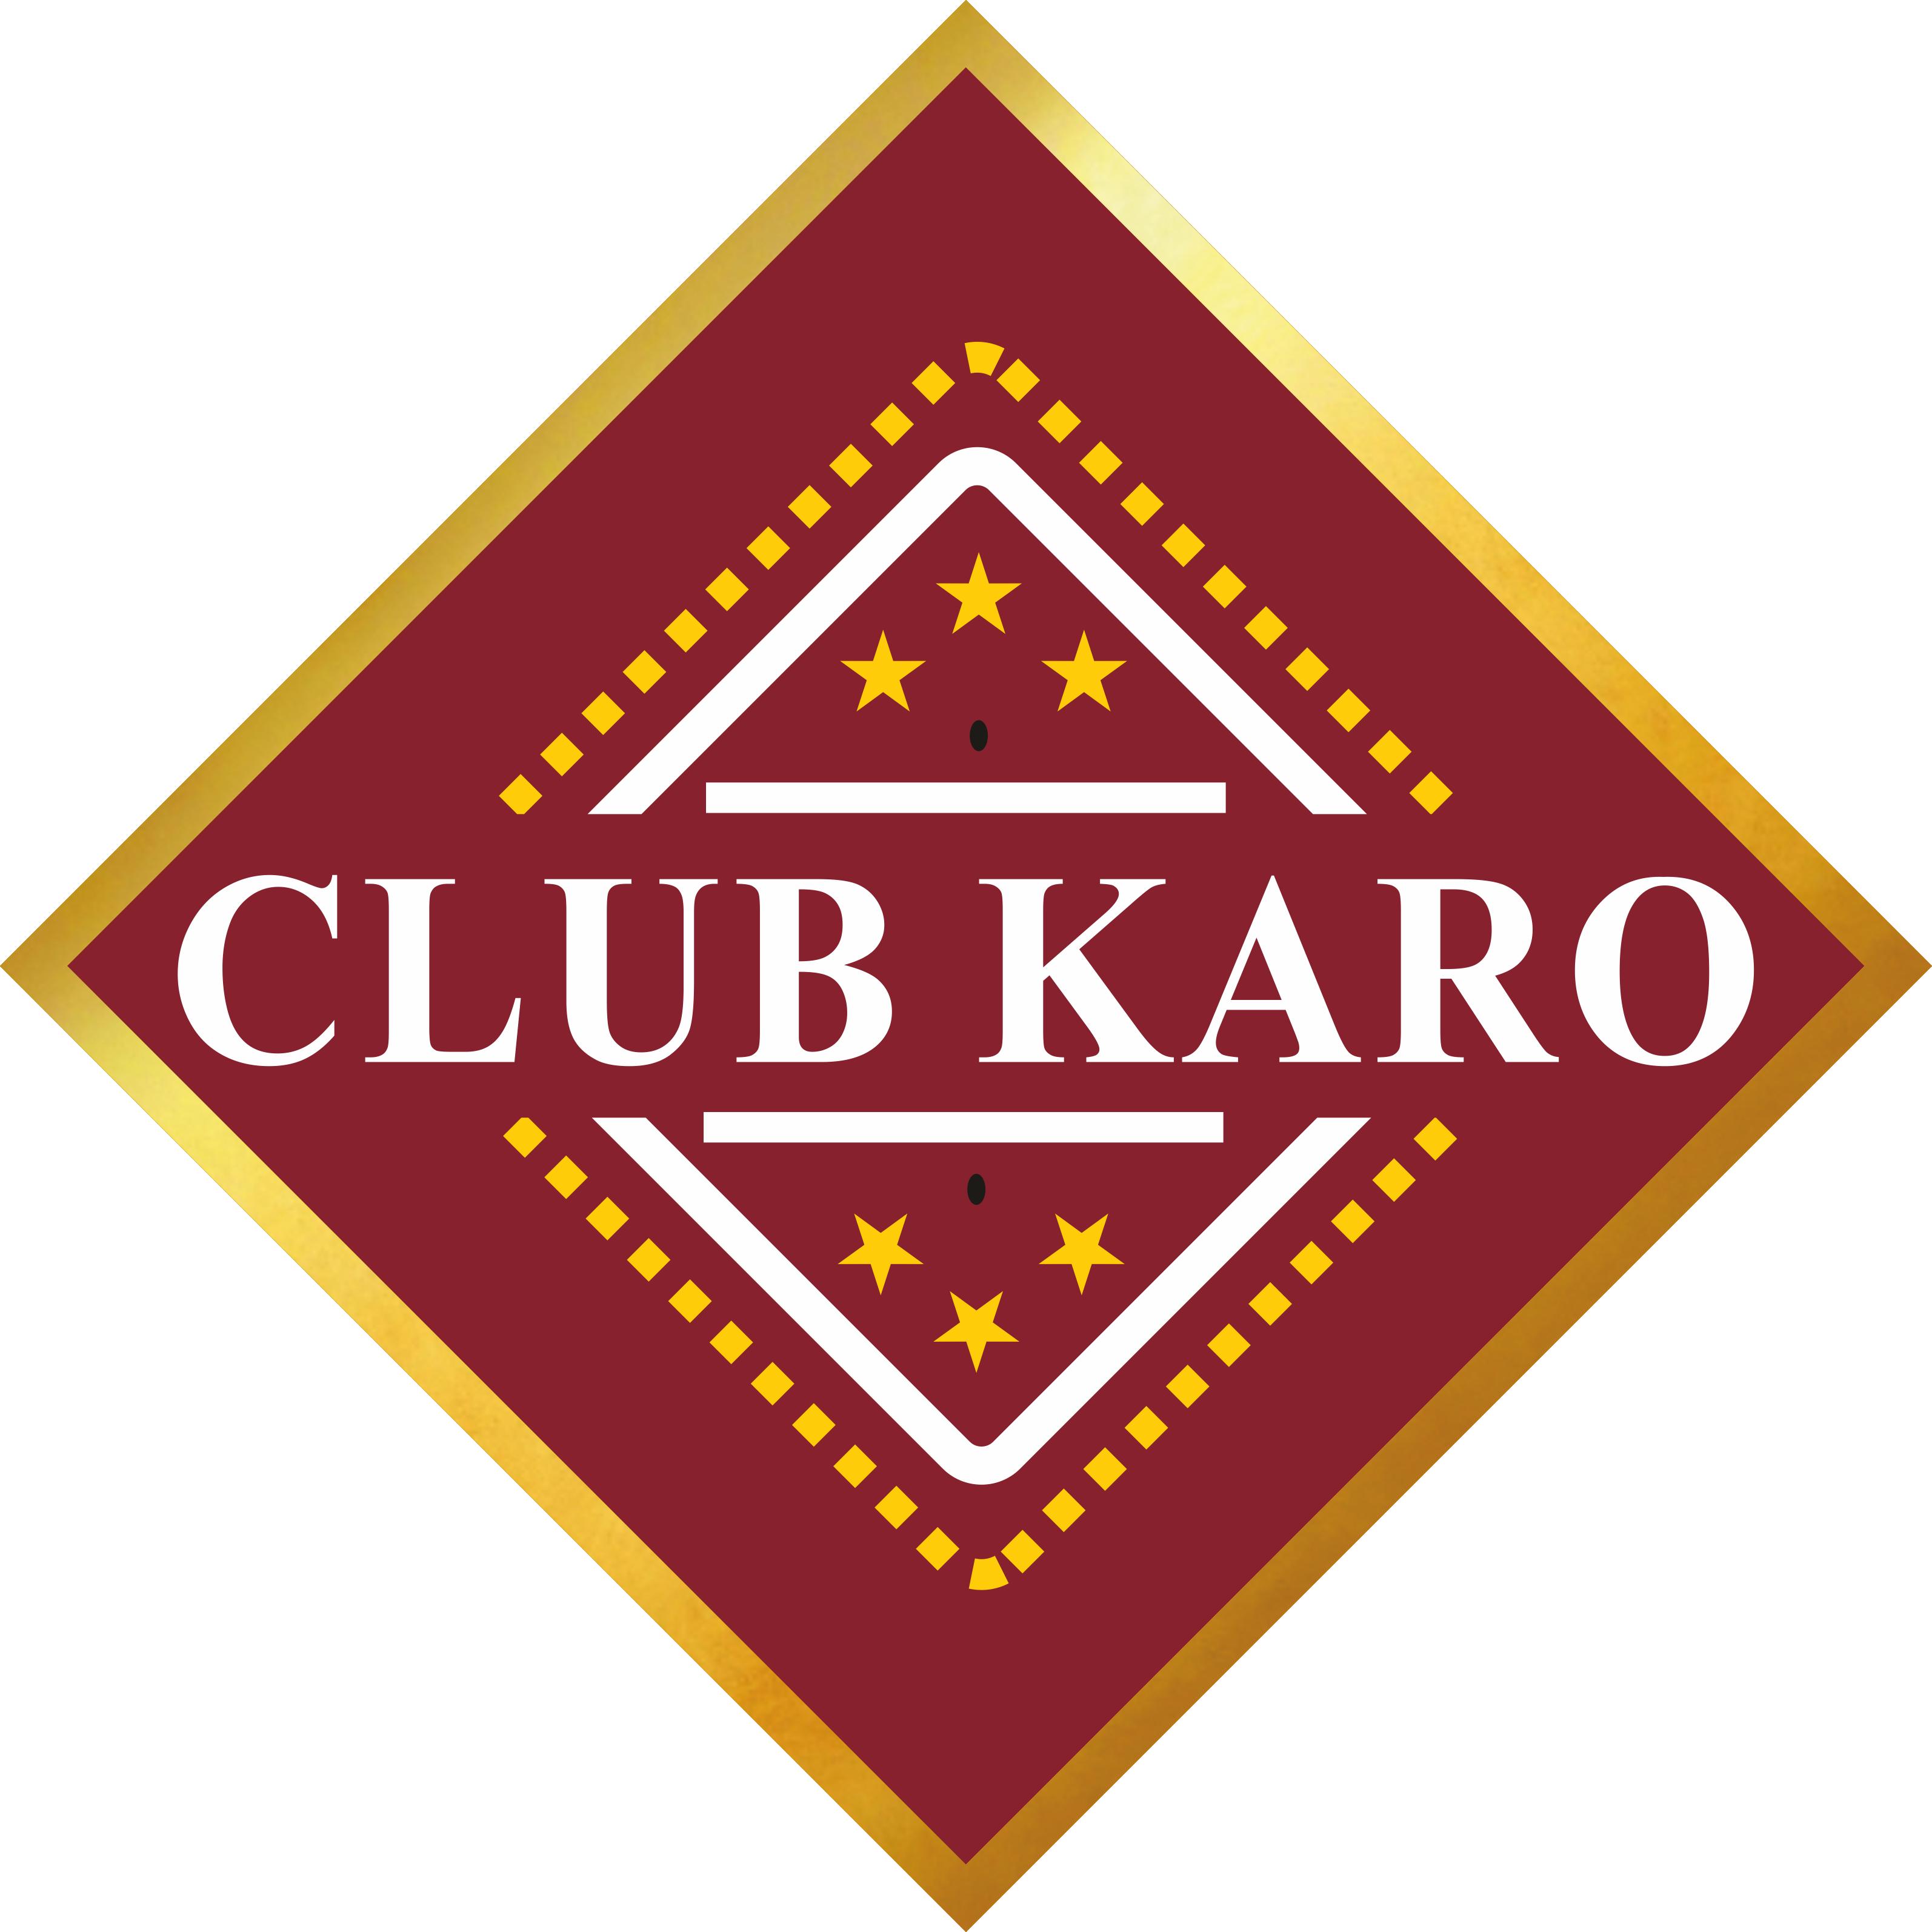 Club Karo